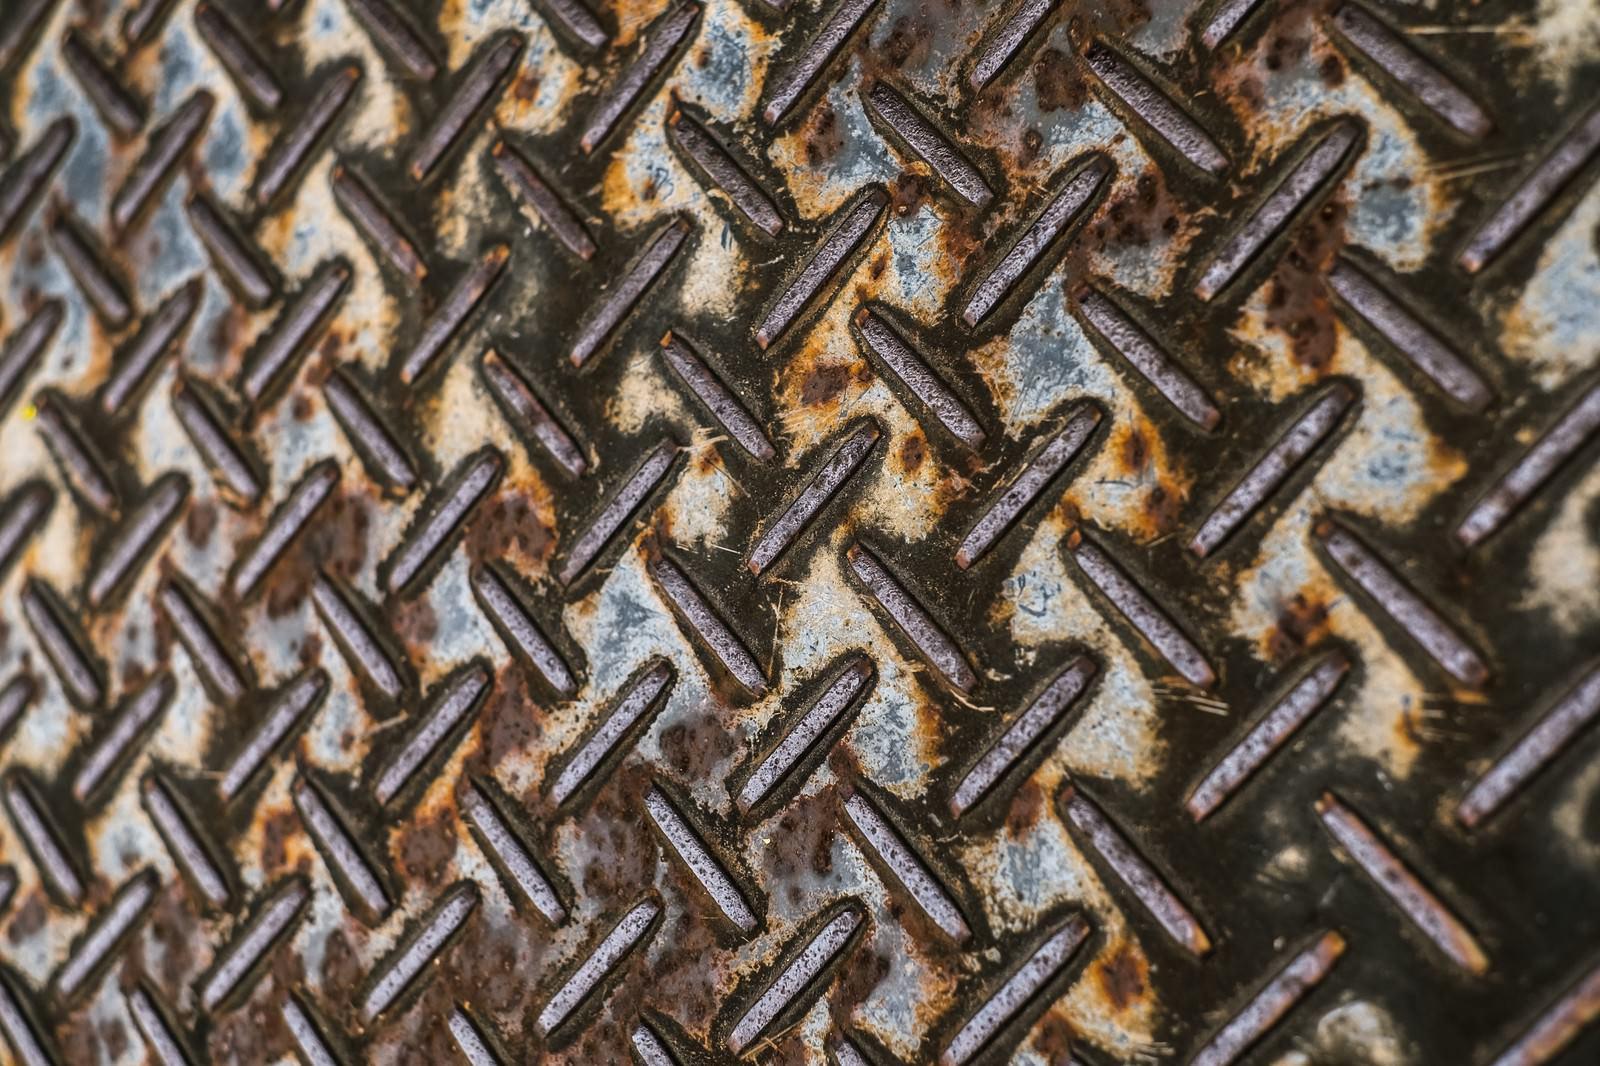 「錆ついた足場の板(テクスチャー)錆ついた足場の板(テクスチャー)」のフリー写真素材を拡大